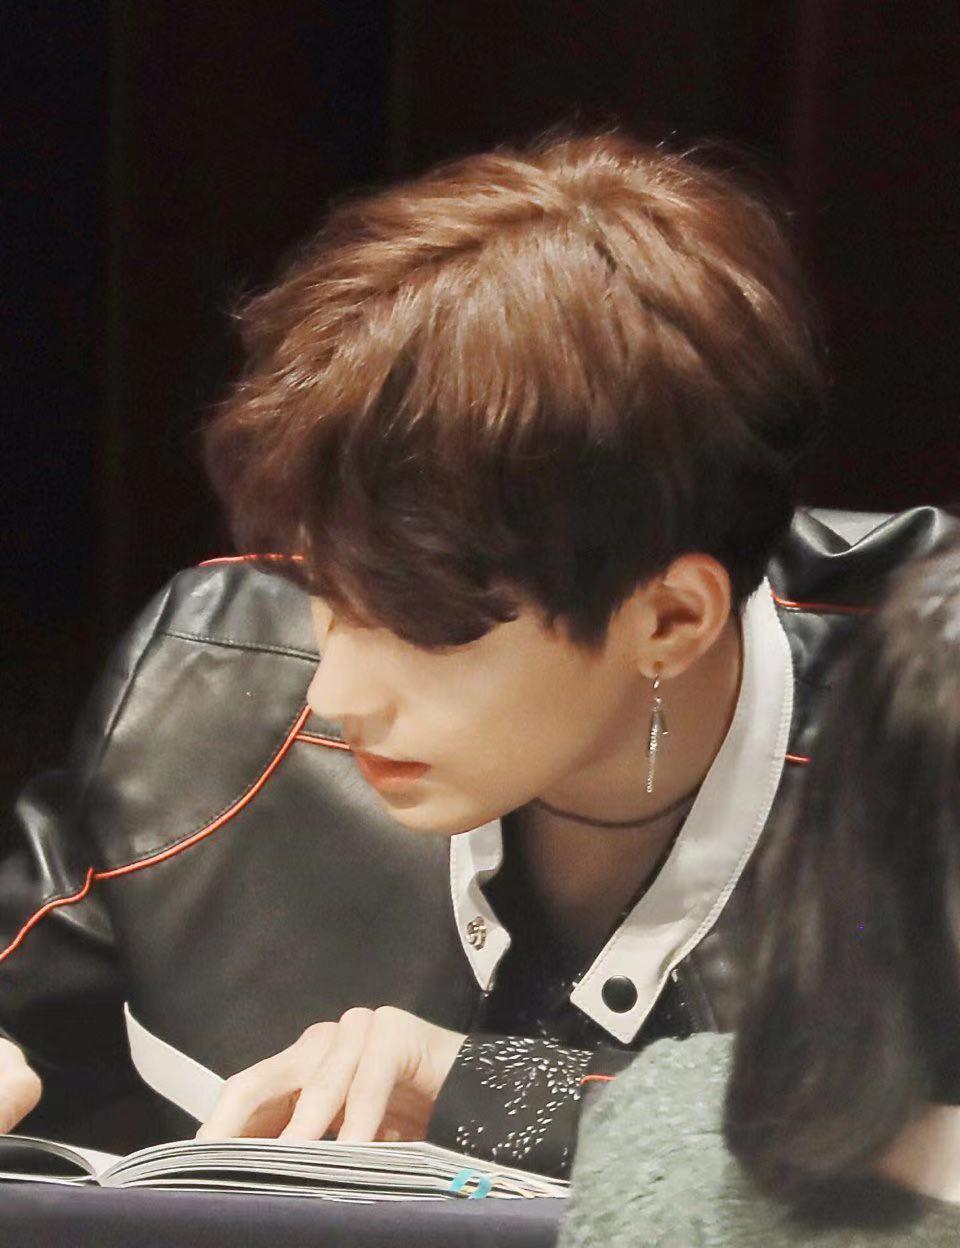 曾是少女時代的黑粉,他在出道後手寫道歉信,波及EXO燦烈